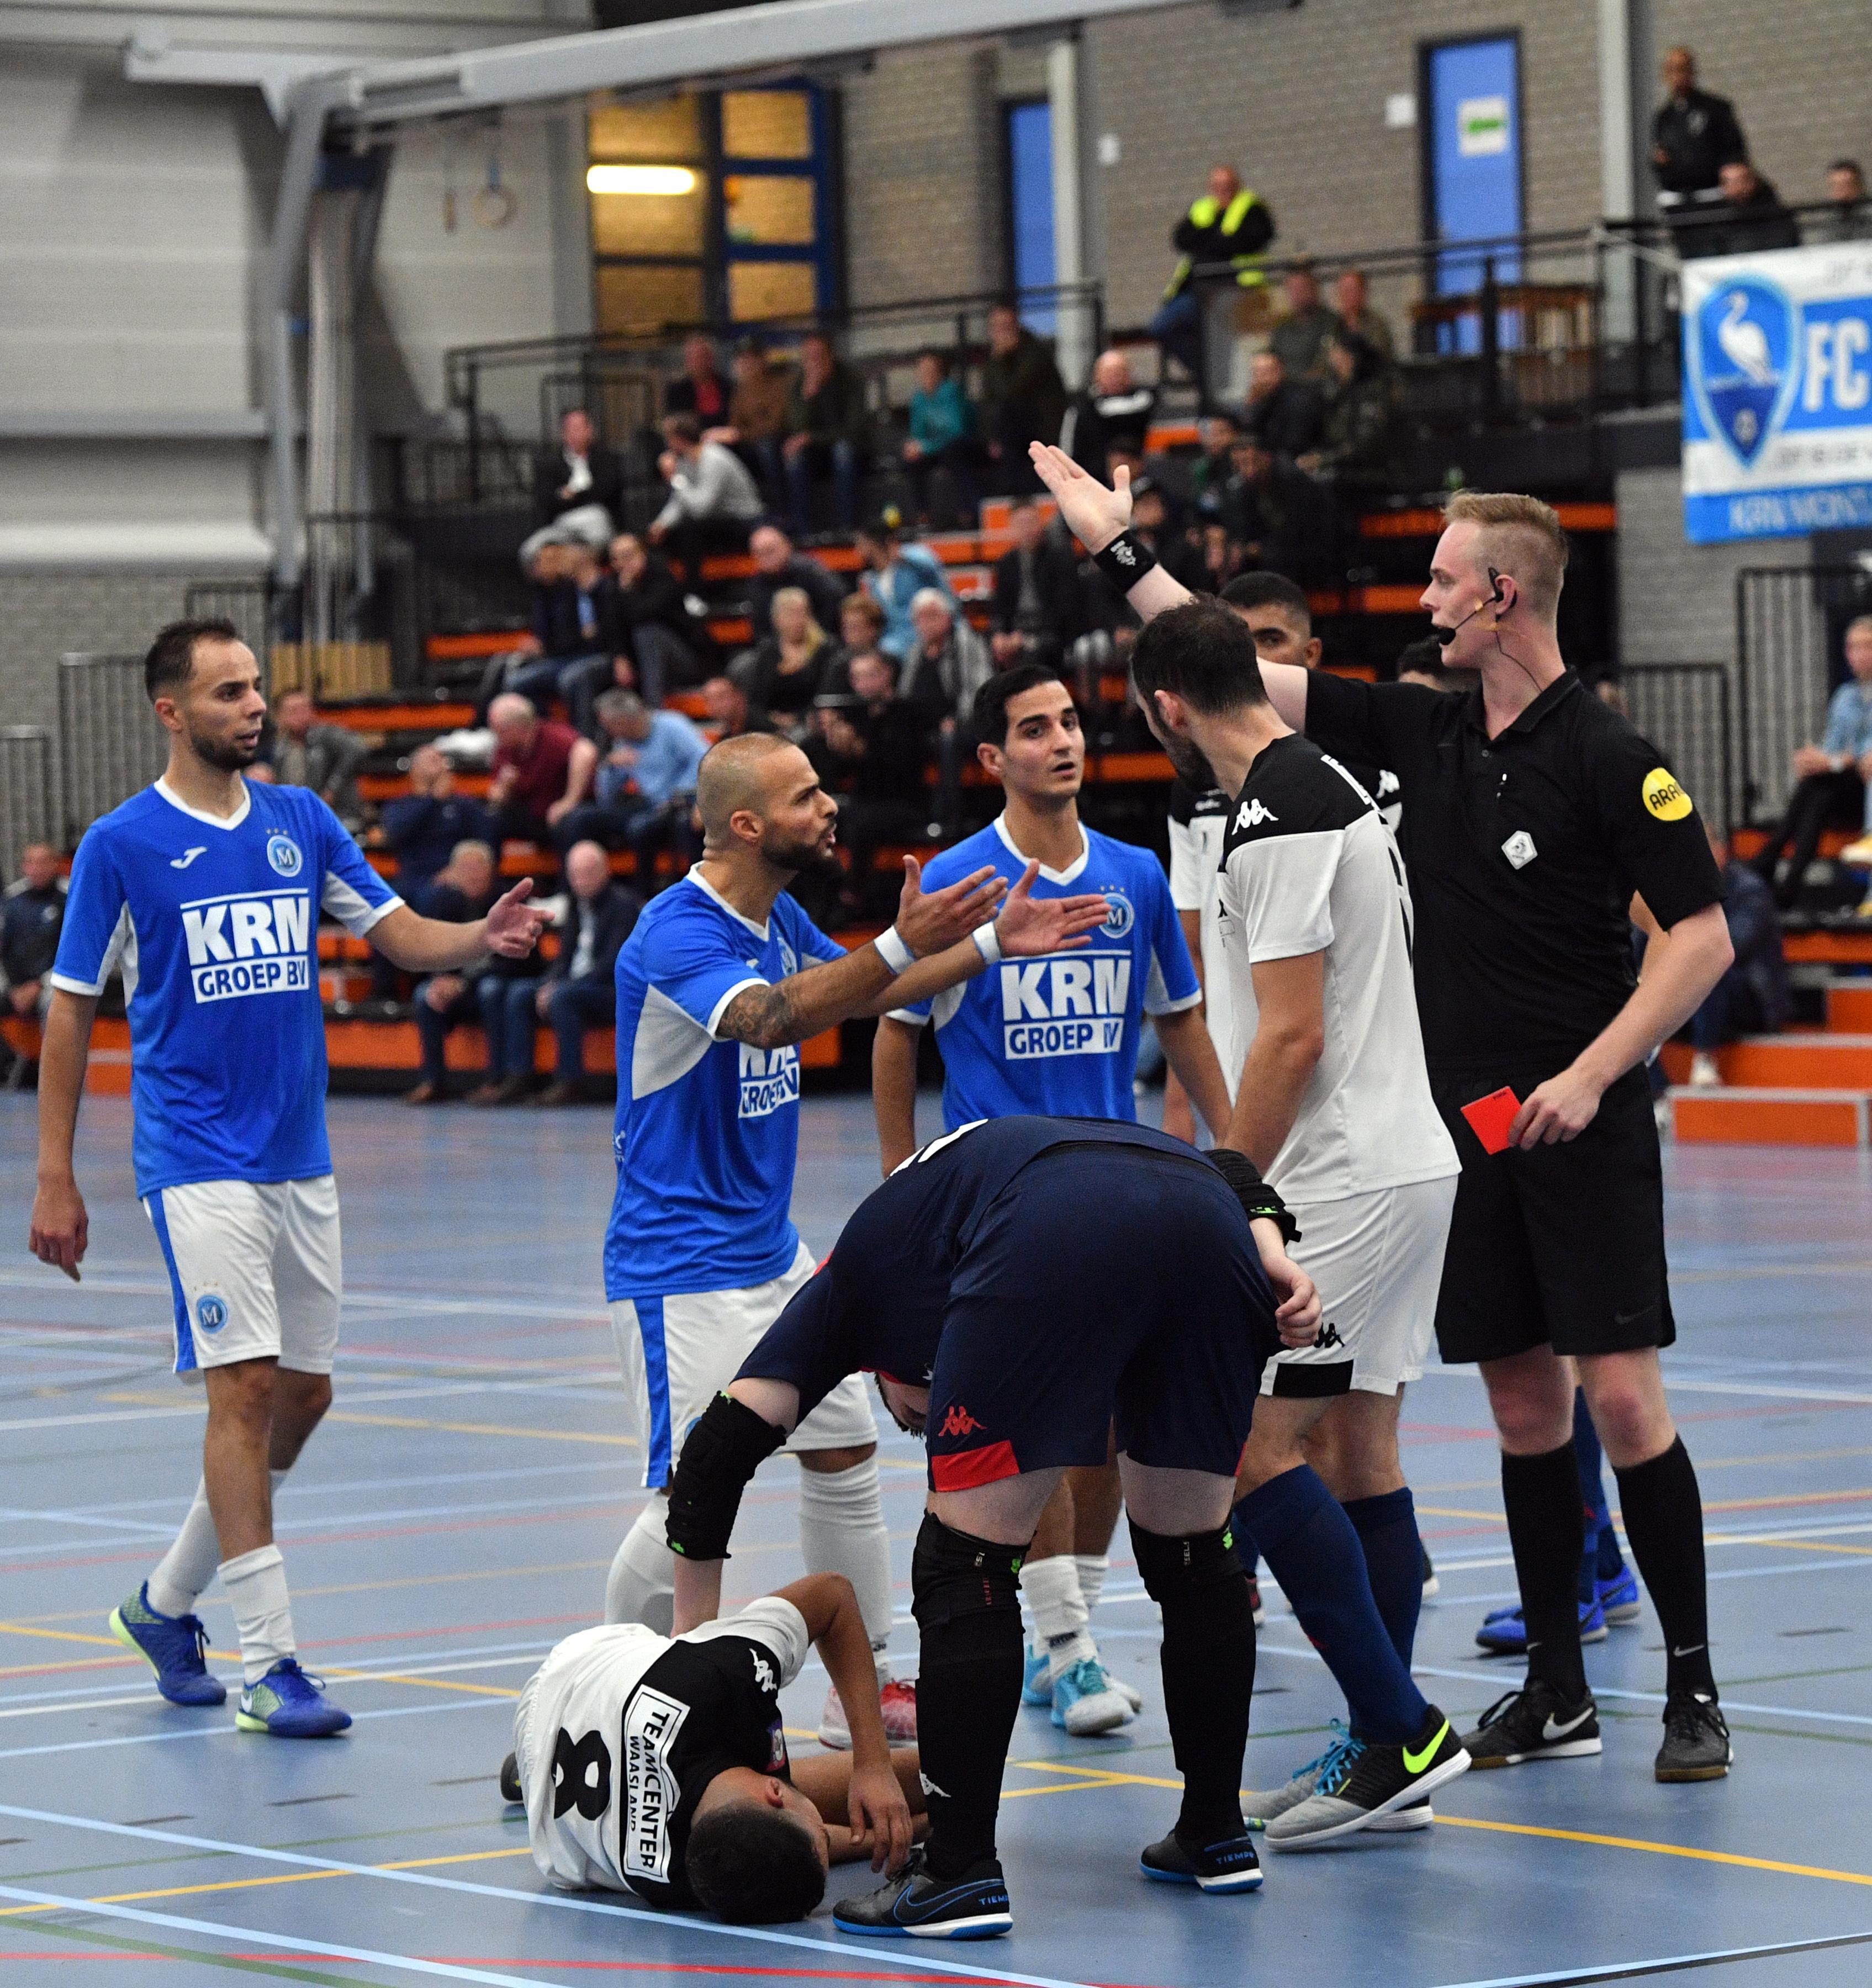 FC Marlène lijdt tegen FCK/De Hommel eerste nederlaag in nog prille competitie: 'Deze nederlaag kan niets veranderen aan ons vertrouwen op een mooi jaar'